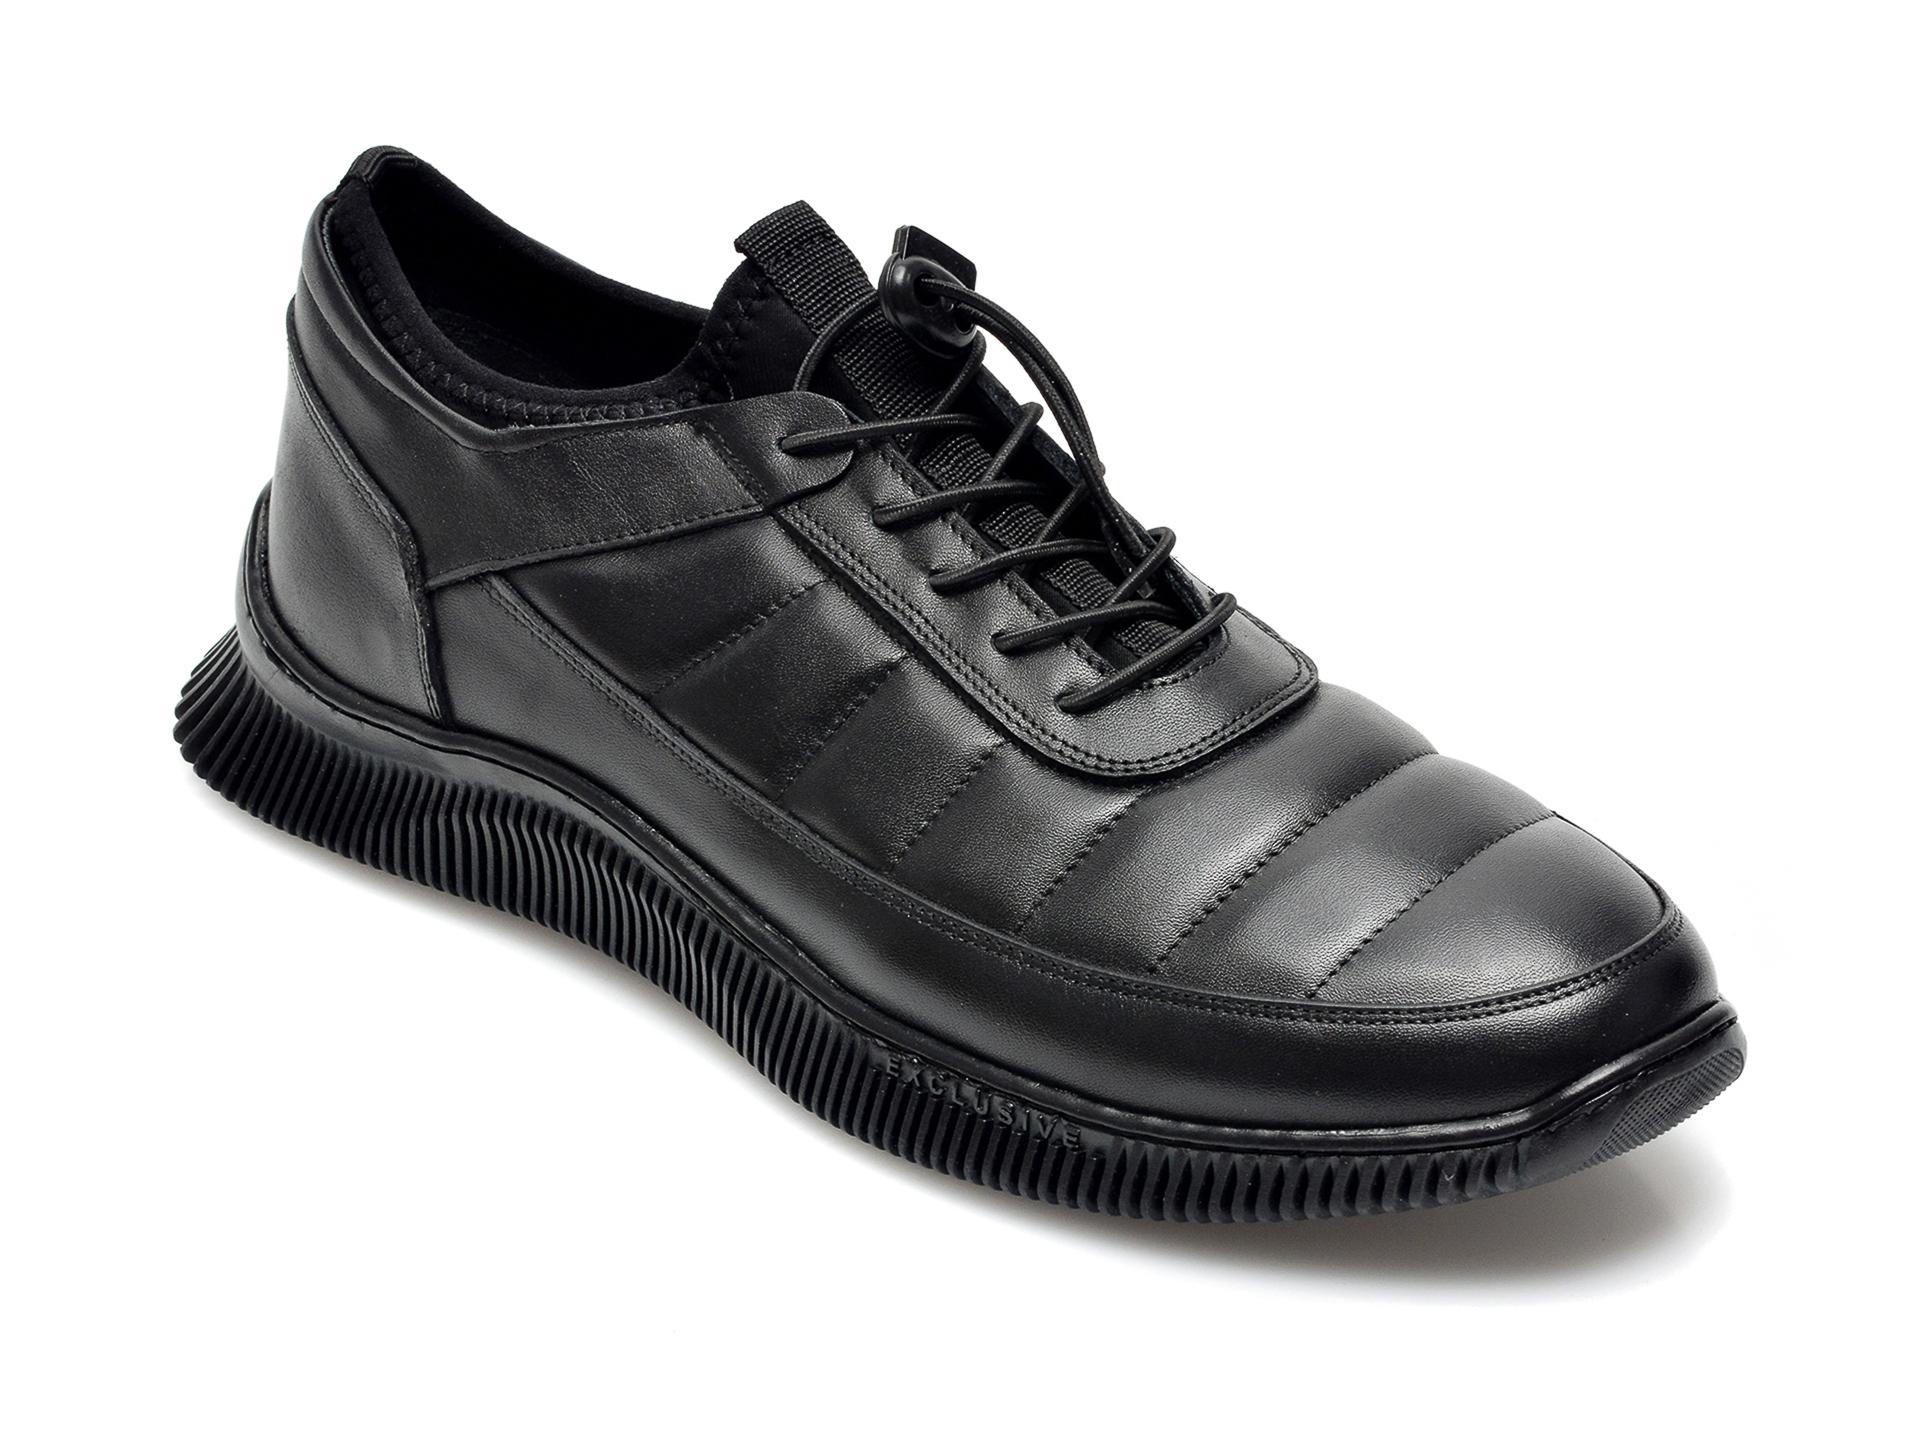 Pantofi OTTER negri, 2139, din piele naturala imagine otter.ro